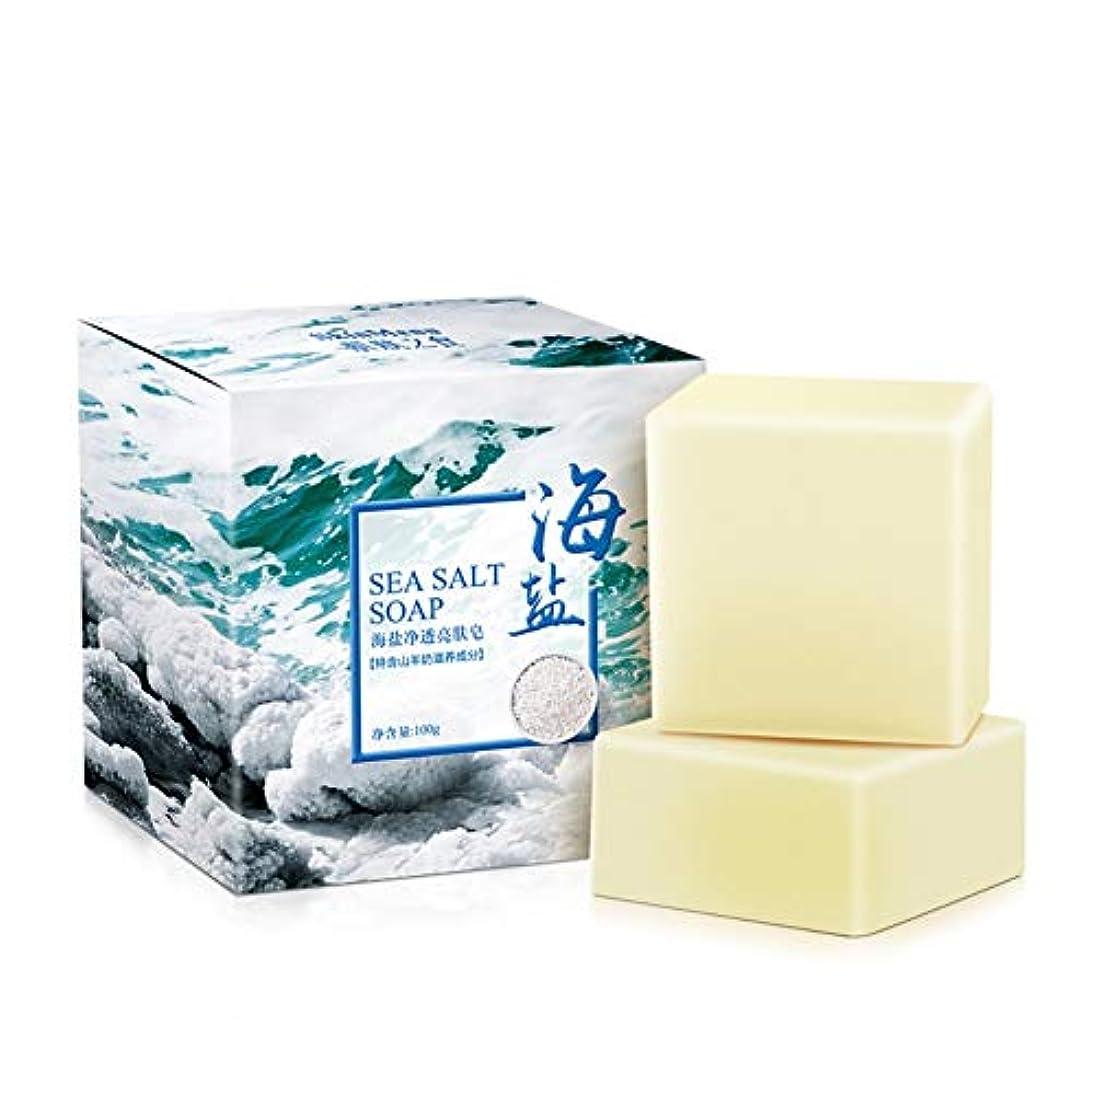 悲観的あなたは放射能Cutelove 石鹸 にきび用石鹸 海塩石鹸 海塩石鹸にきび パーソナルケア製品 補修石鹸 ボディークリーニング製品